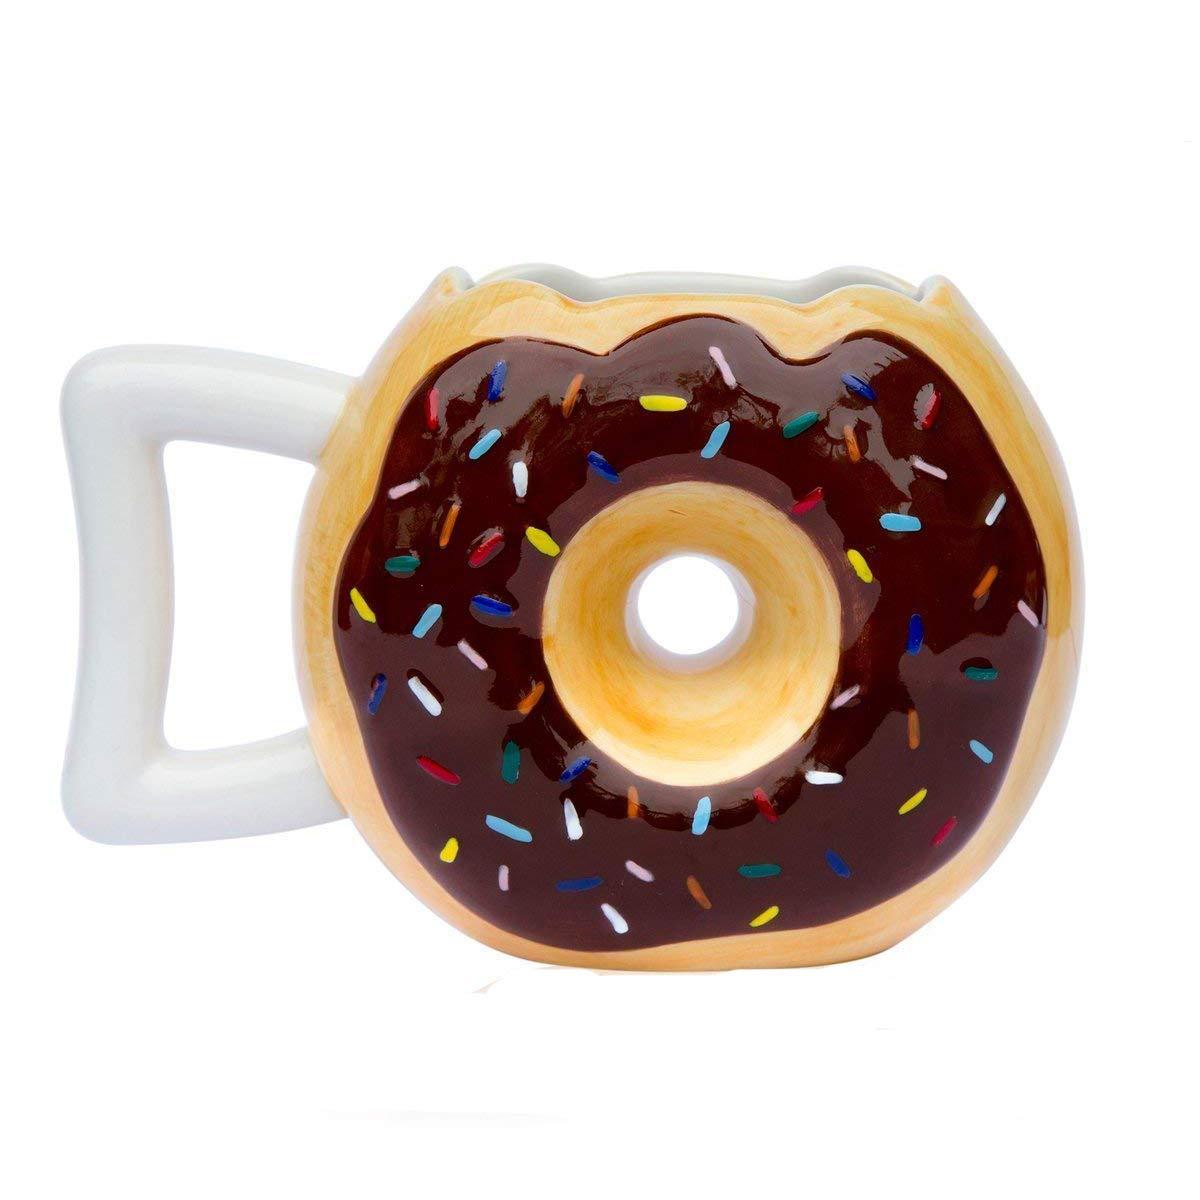 Ceramic Donut Mug - Delicious Chocolate Glaze Doughnut Mug with Sprinkles - Funny